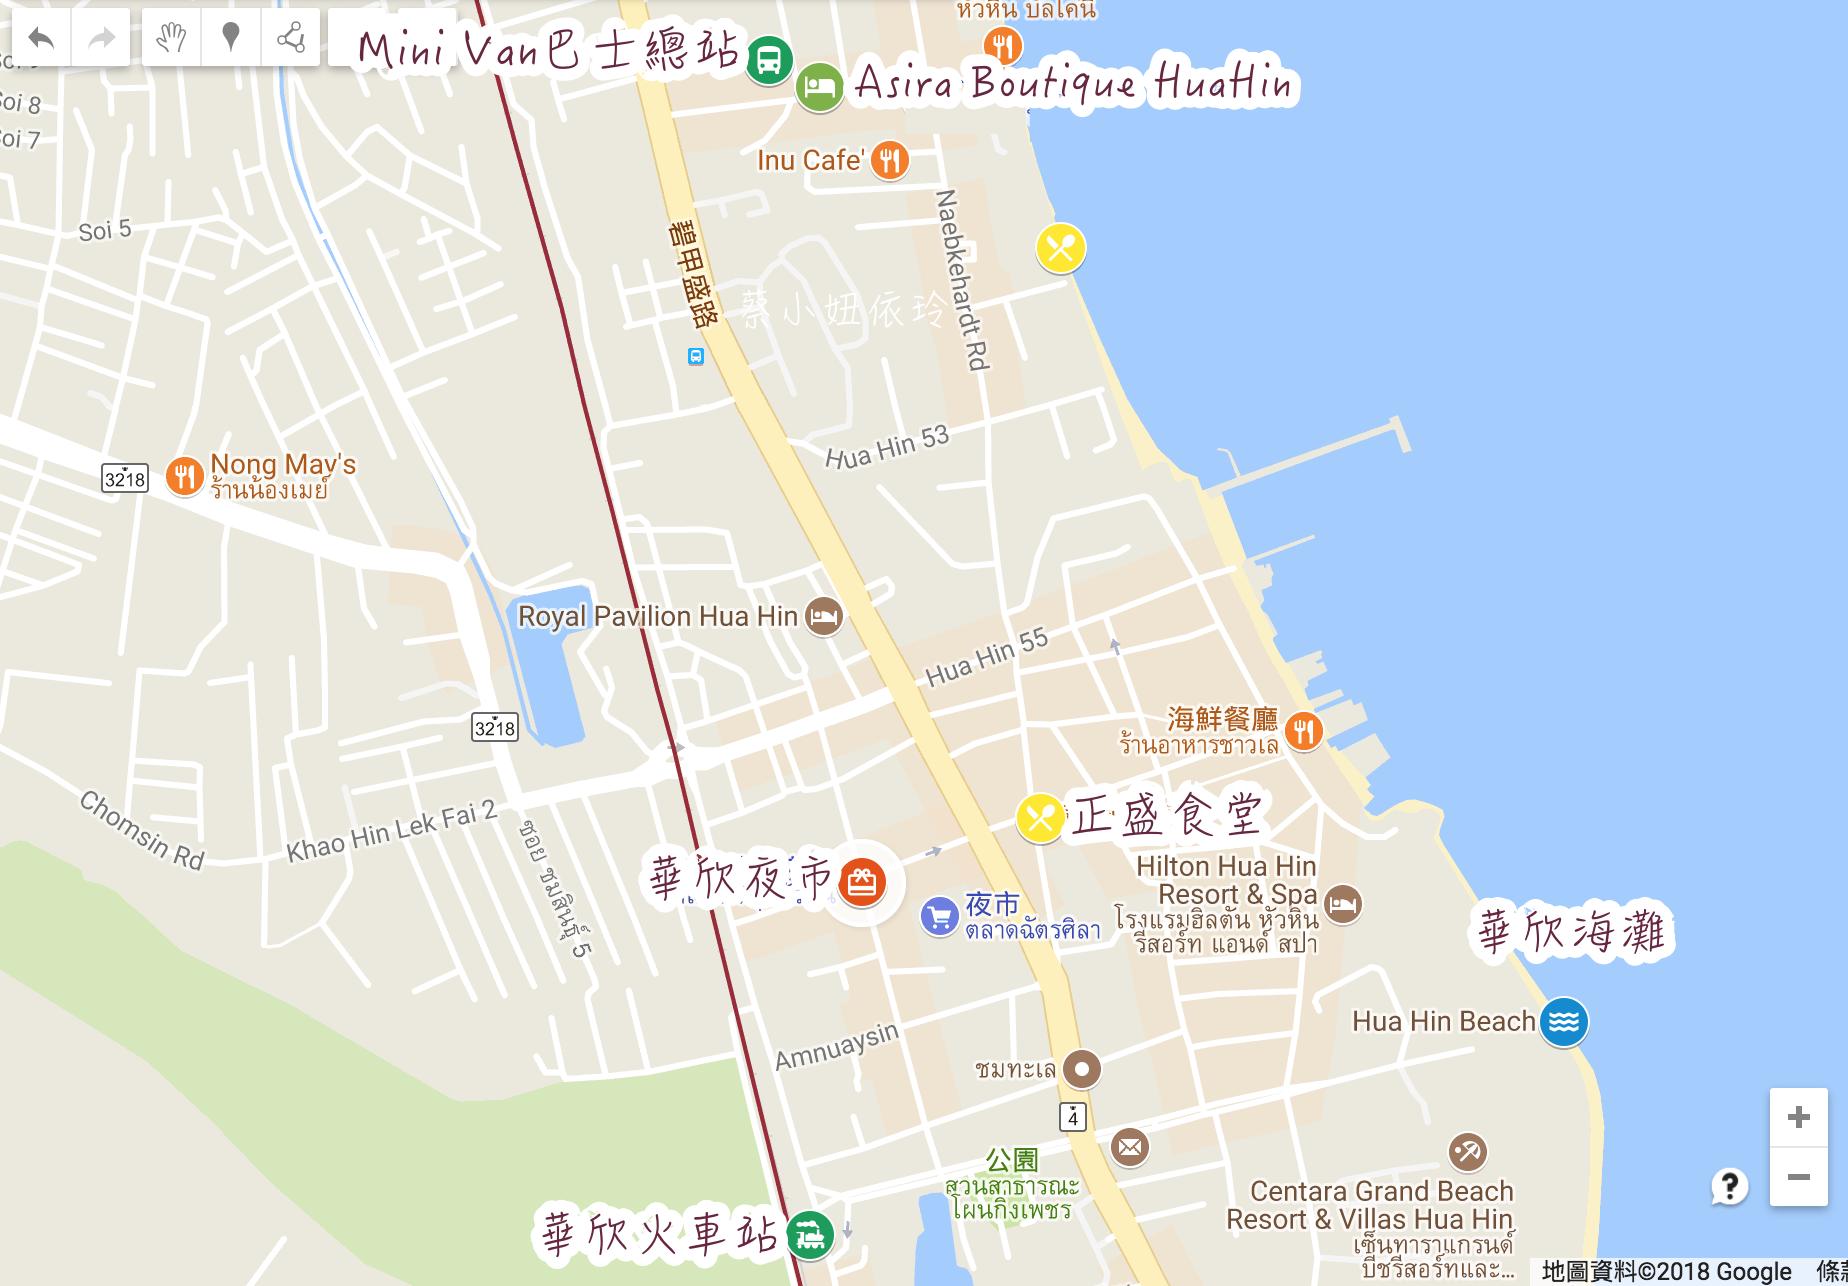 泰國華欣飯店推薦 Asira Boutique Huahin 交通便利平價華欣住宿